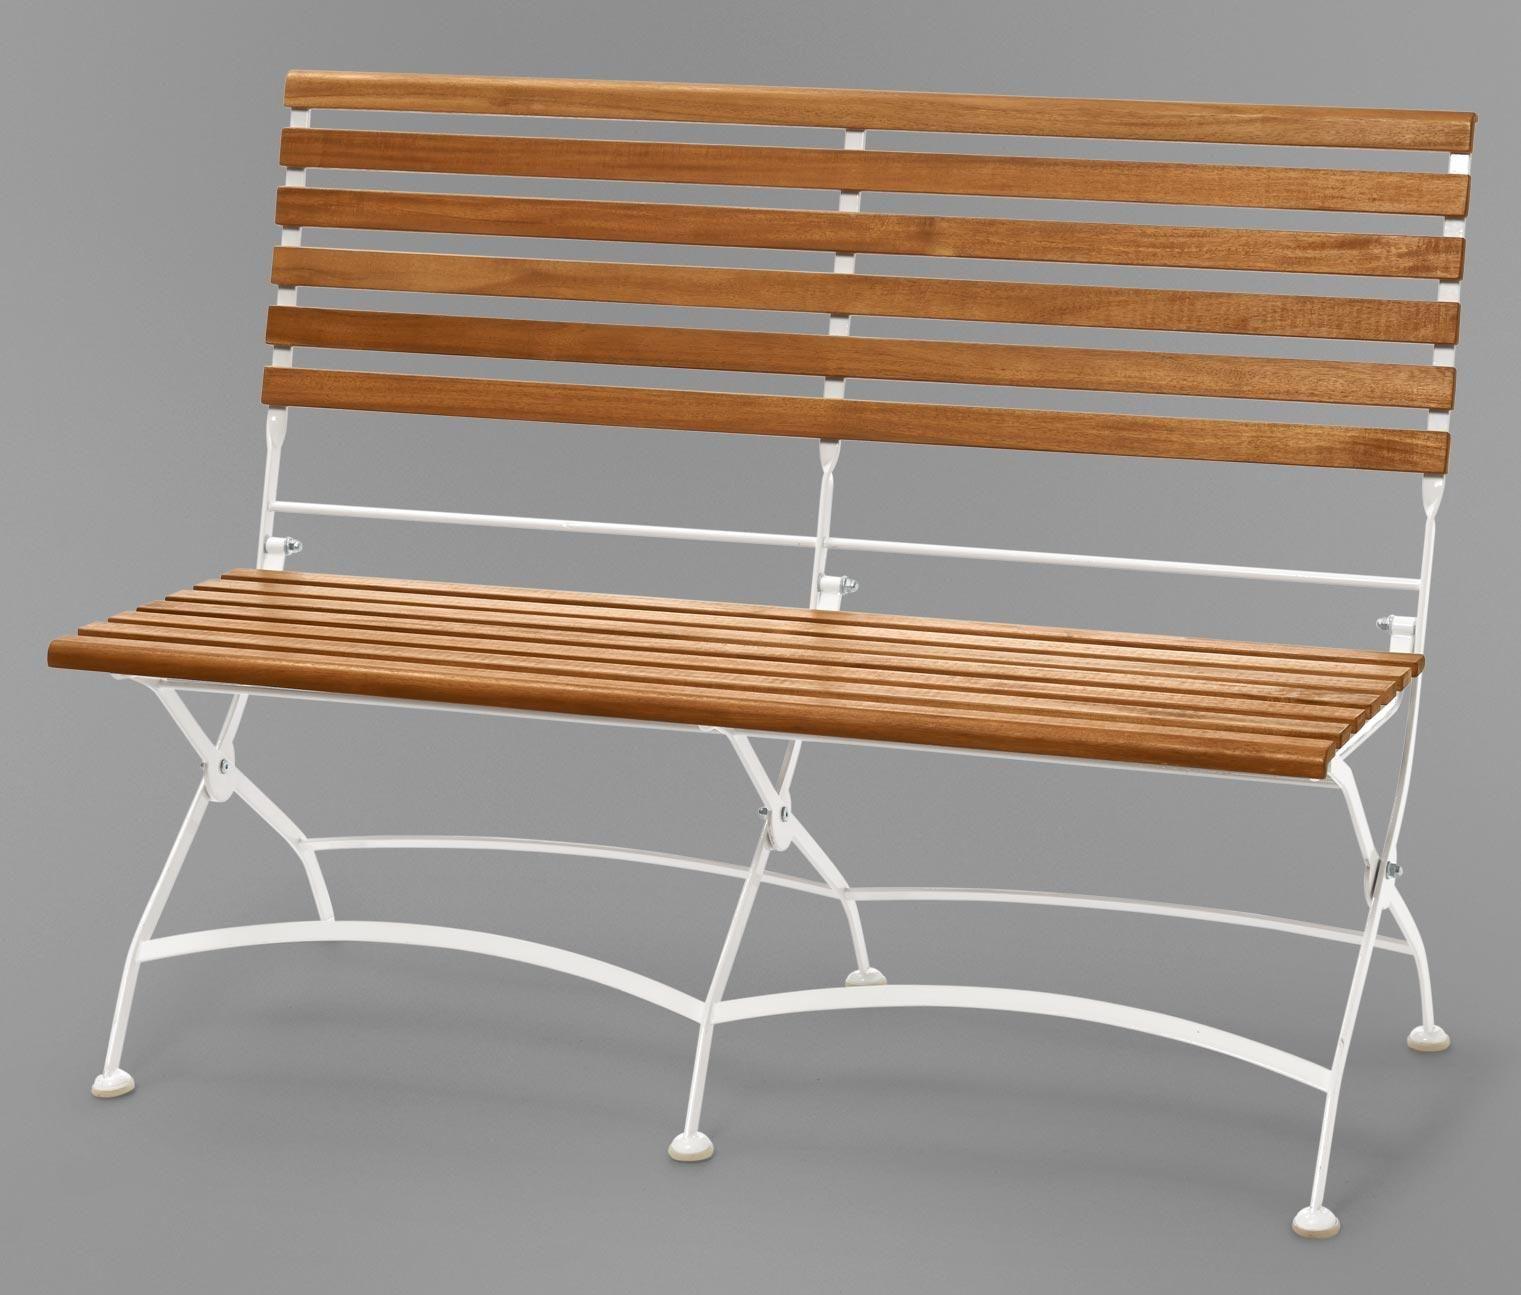 0d55d1283117b416a219f74ce0cedce6 Beste Gartenbank Metall Nostalgie Design-ideen